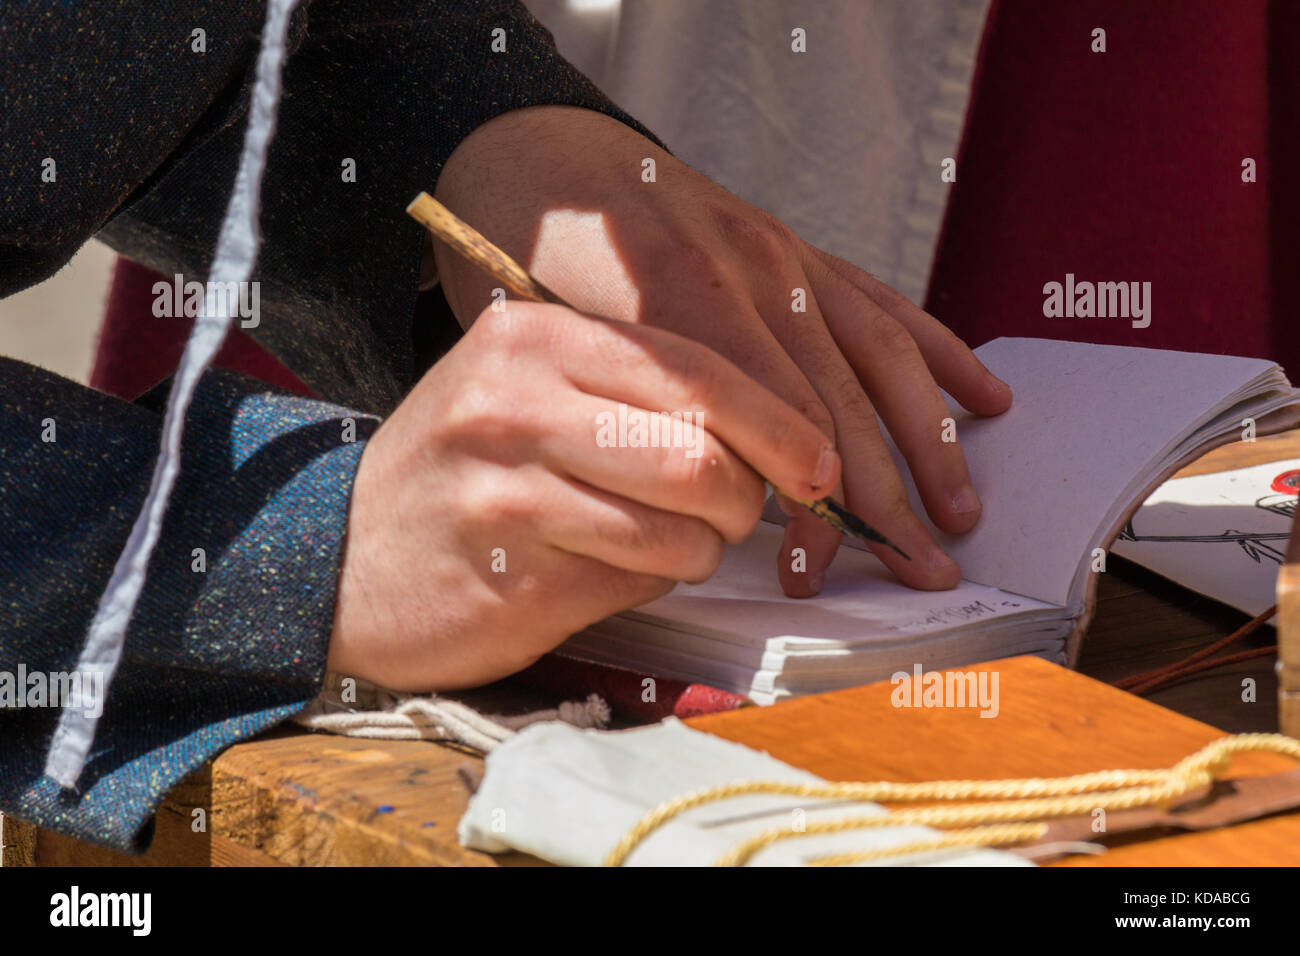 Schreiber üben traditionelle Beleuchtung Stockbild